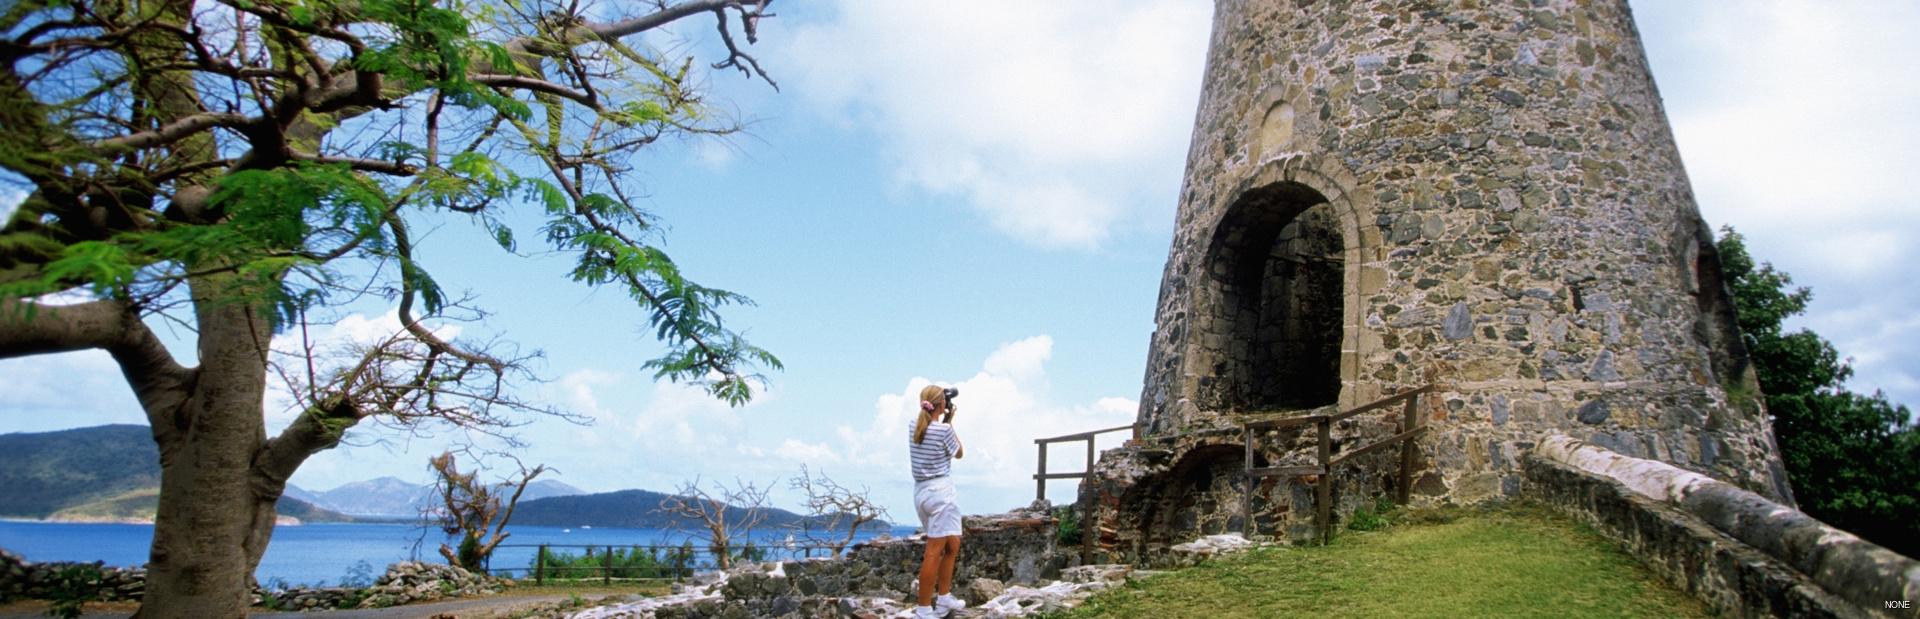 Escape to Hassel Island